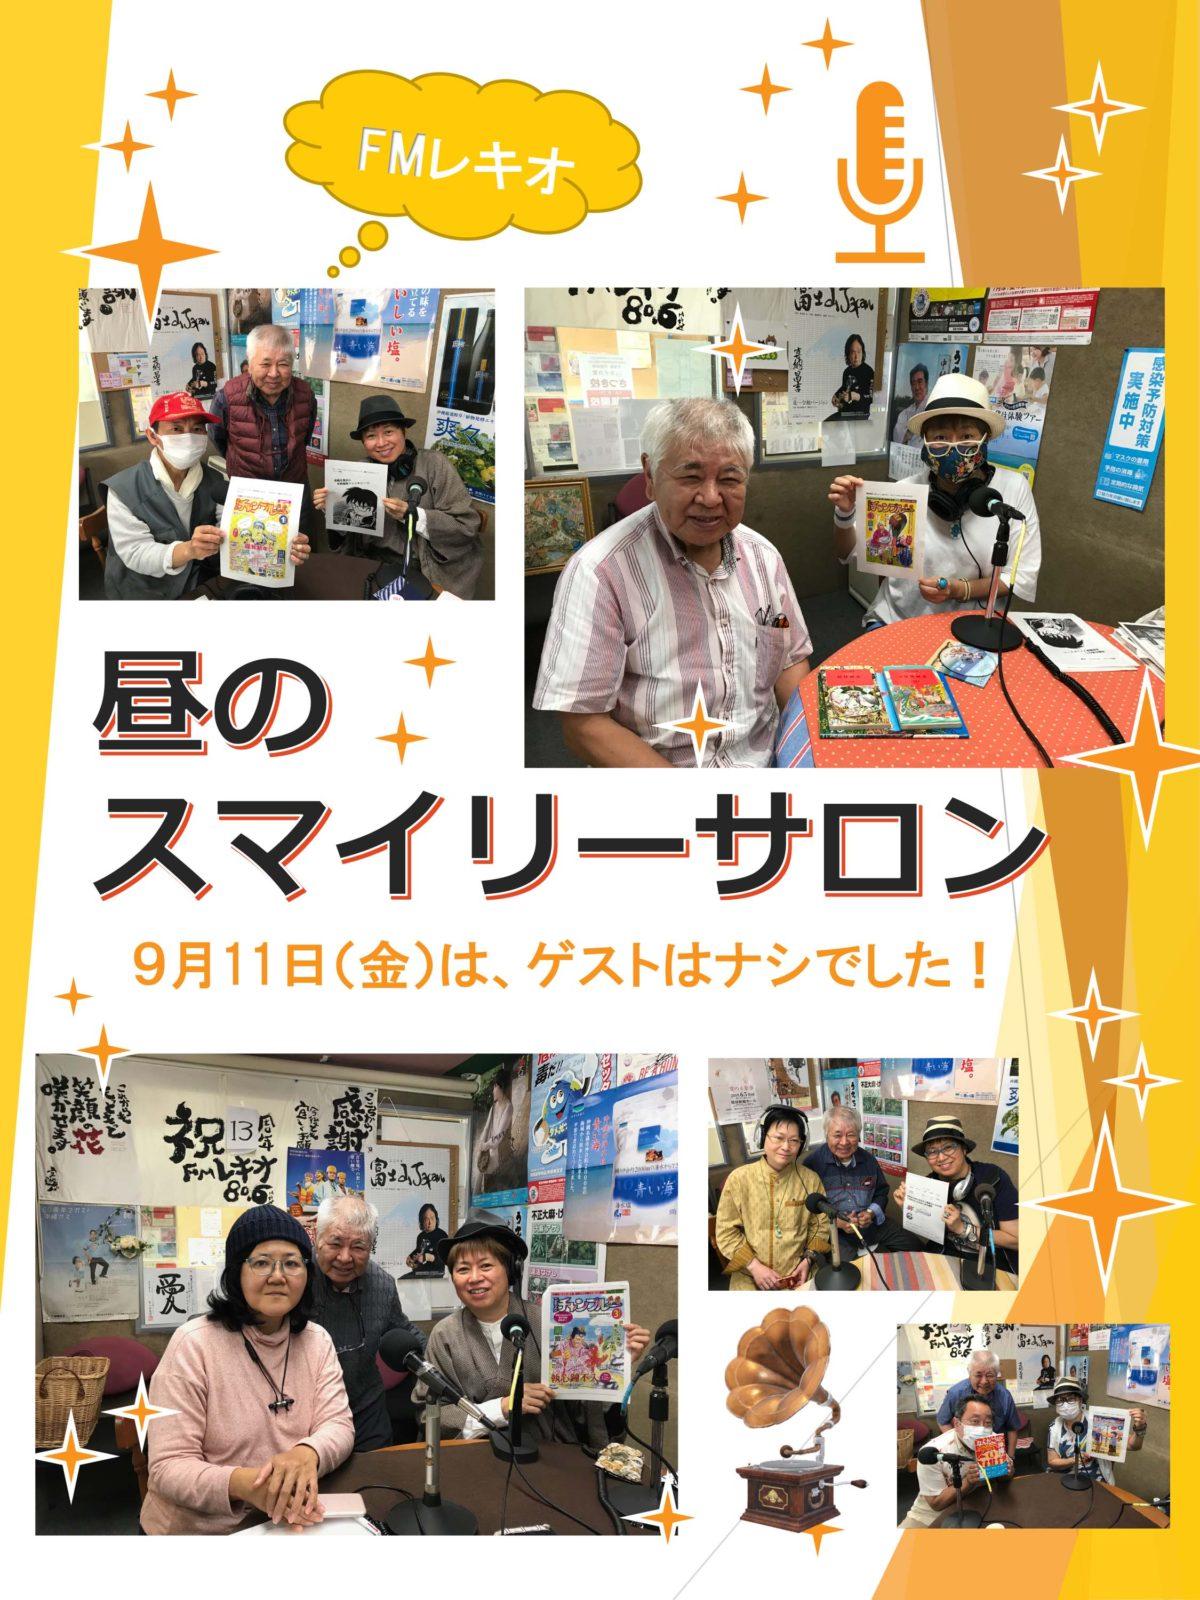 9月11日(金)はゲストはナシでした!『昼のスマイリーサロン』